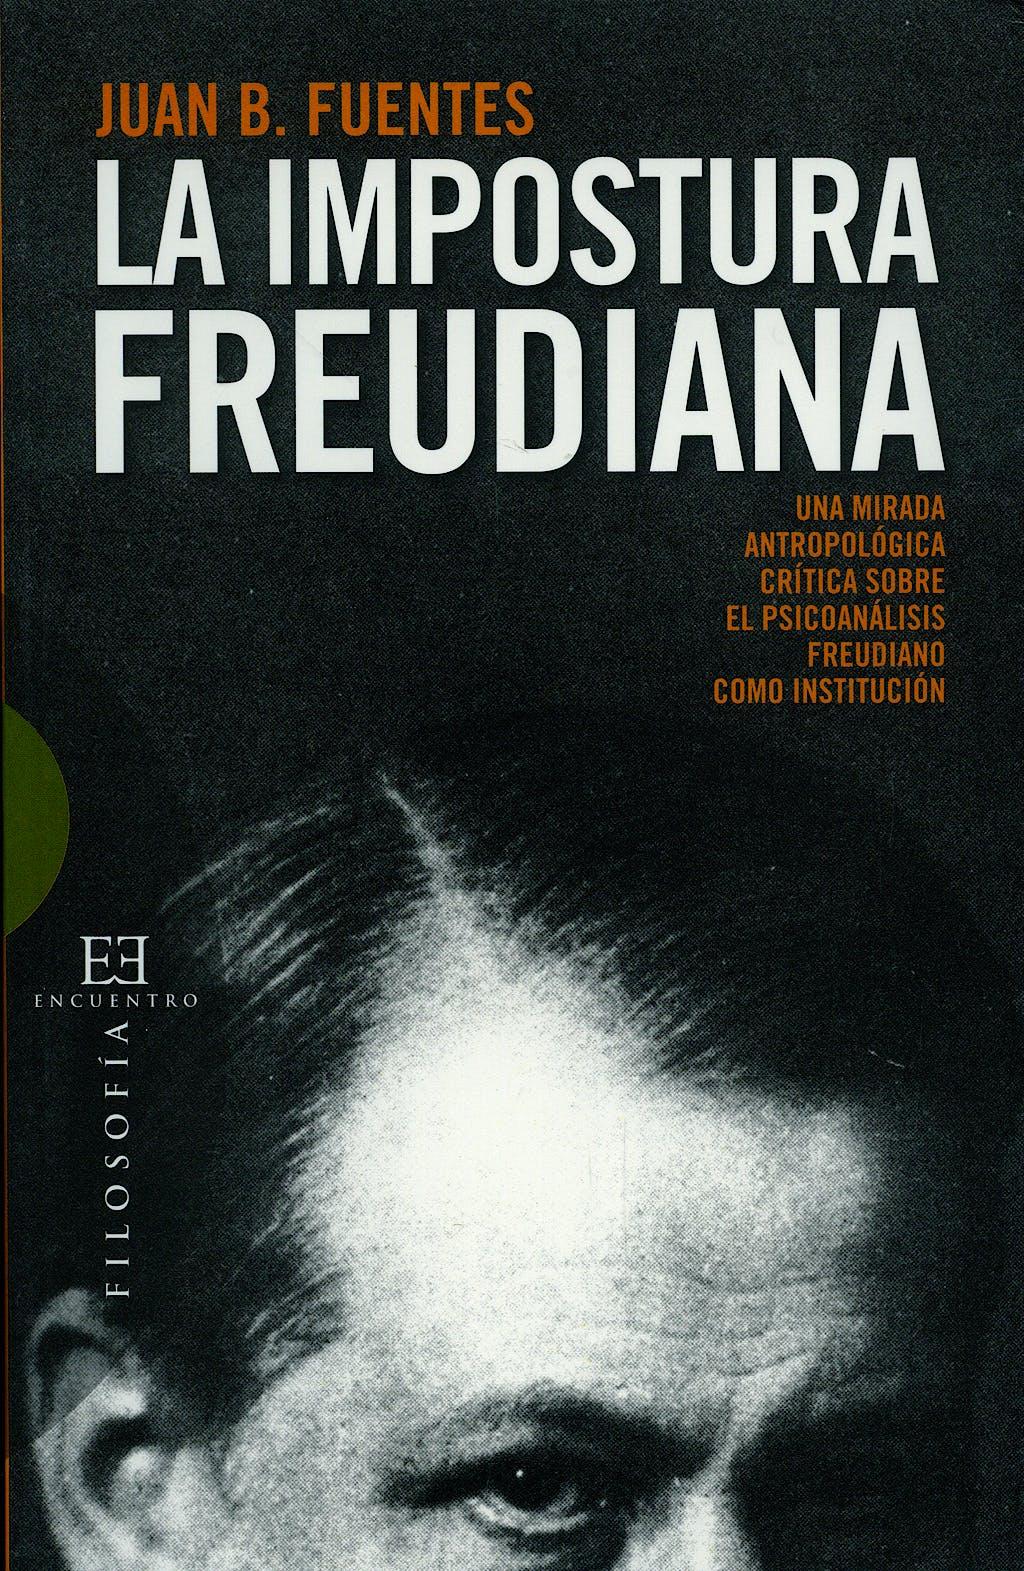 Portada del libro 9788499200002 La Impostura Freudiana. una Mirada Antropologica. Critica sobre e L Psicoanalisis Freudiano como Institucion